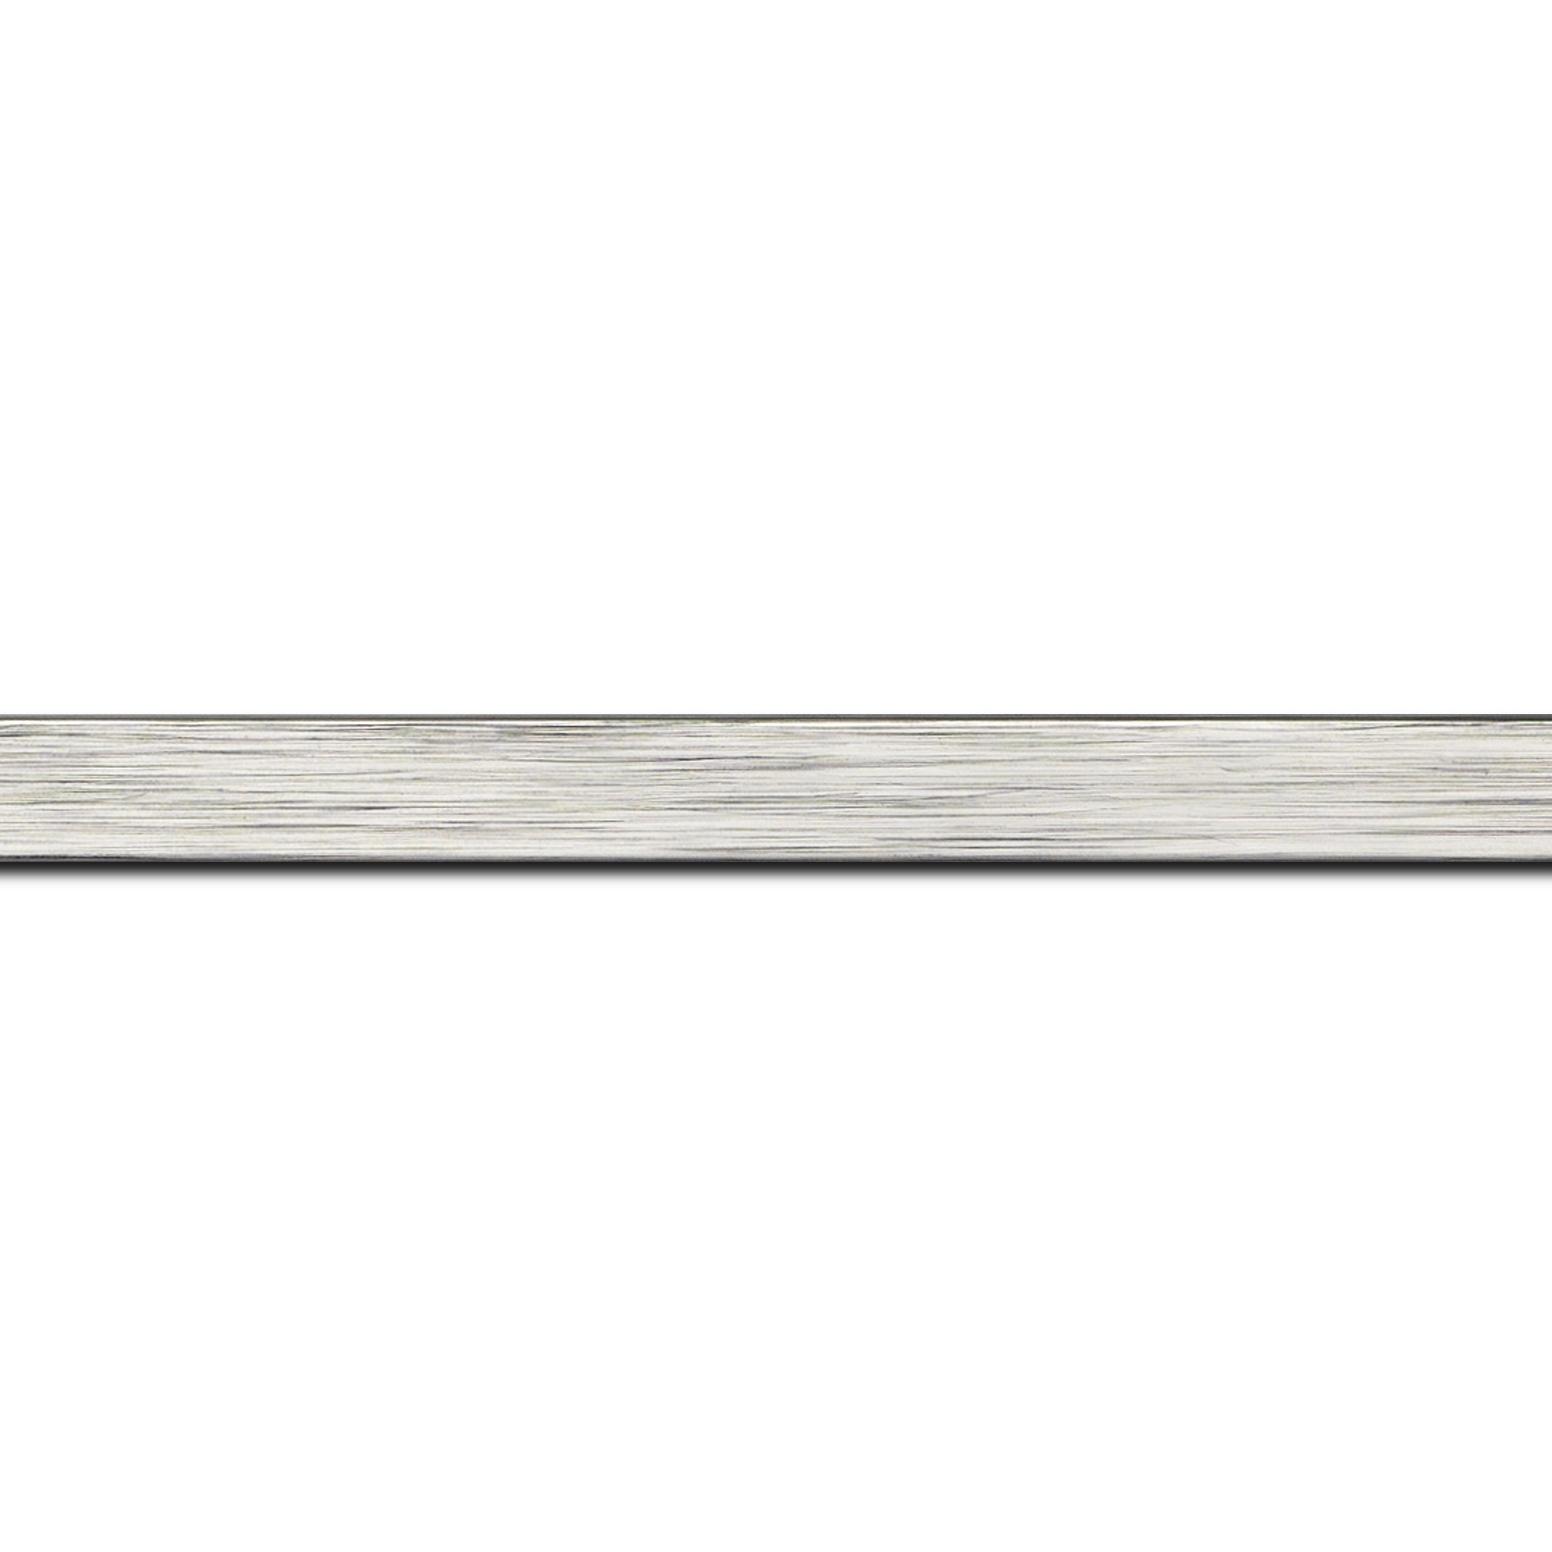 Baguette longueur 1.40m bois profil plat largeur 1.5cm couleur argent